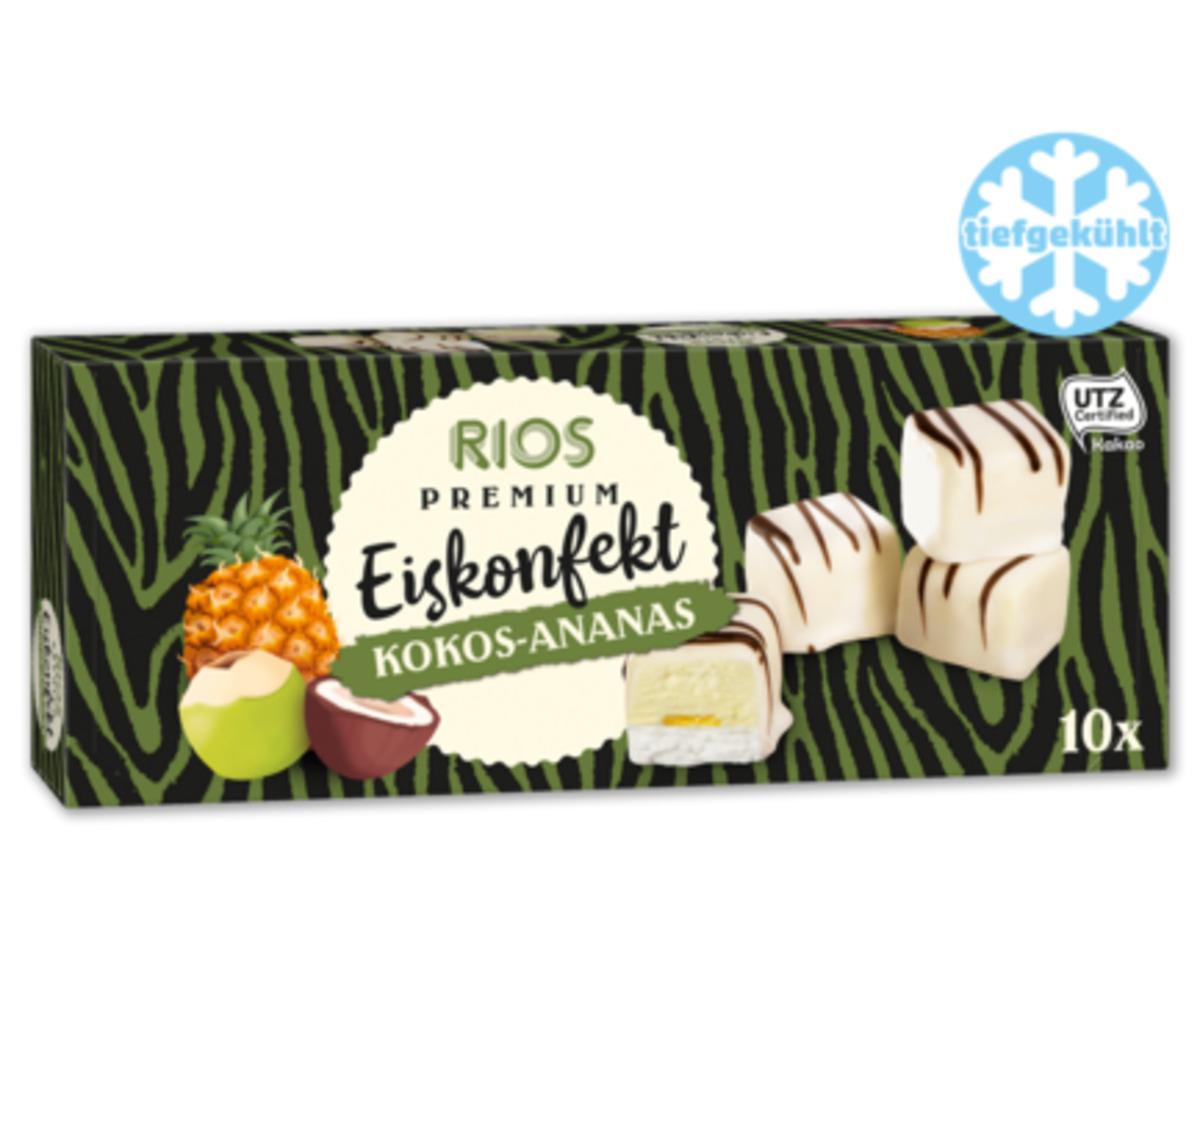 Bild 1 von RIOS Premium Eiskonfekt